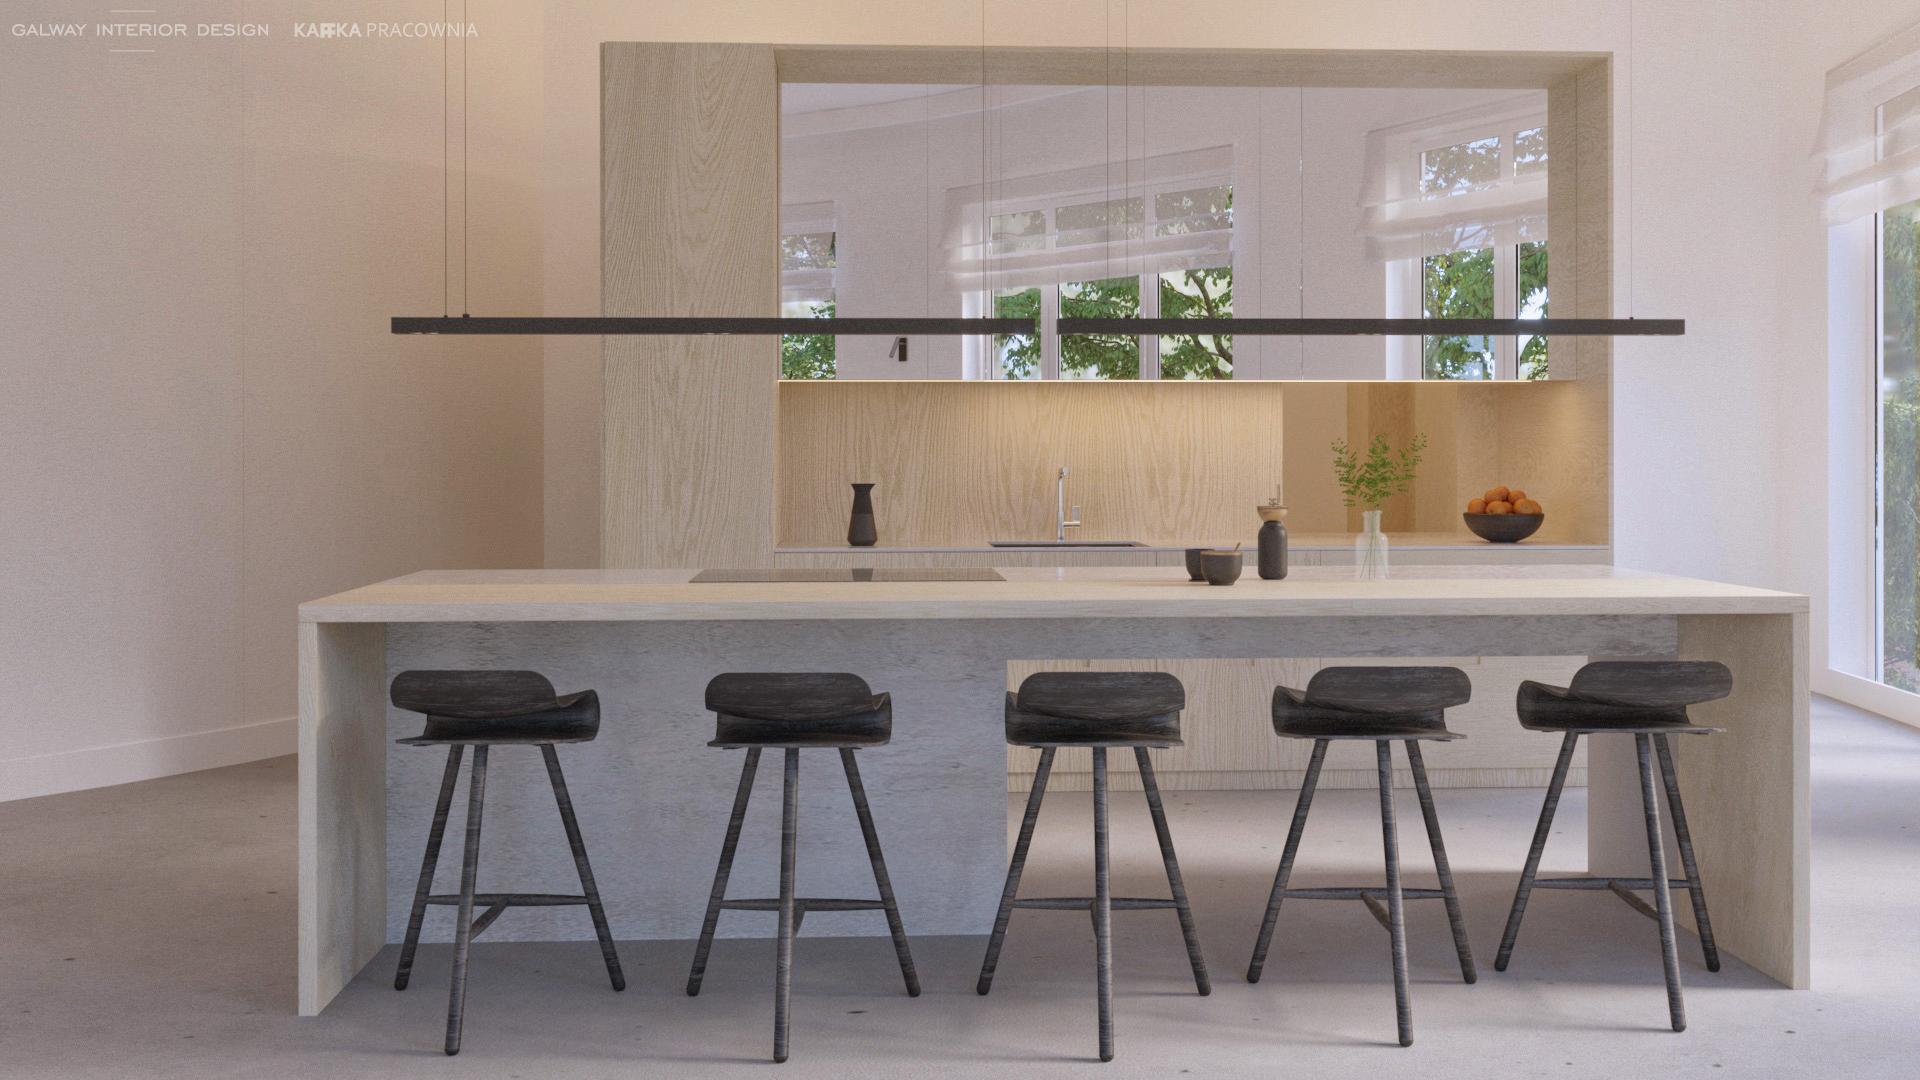 Galway Interior Design Minimalistic Kitchen